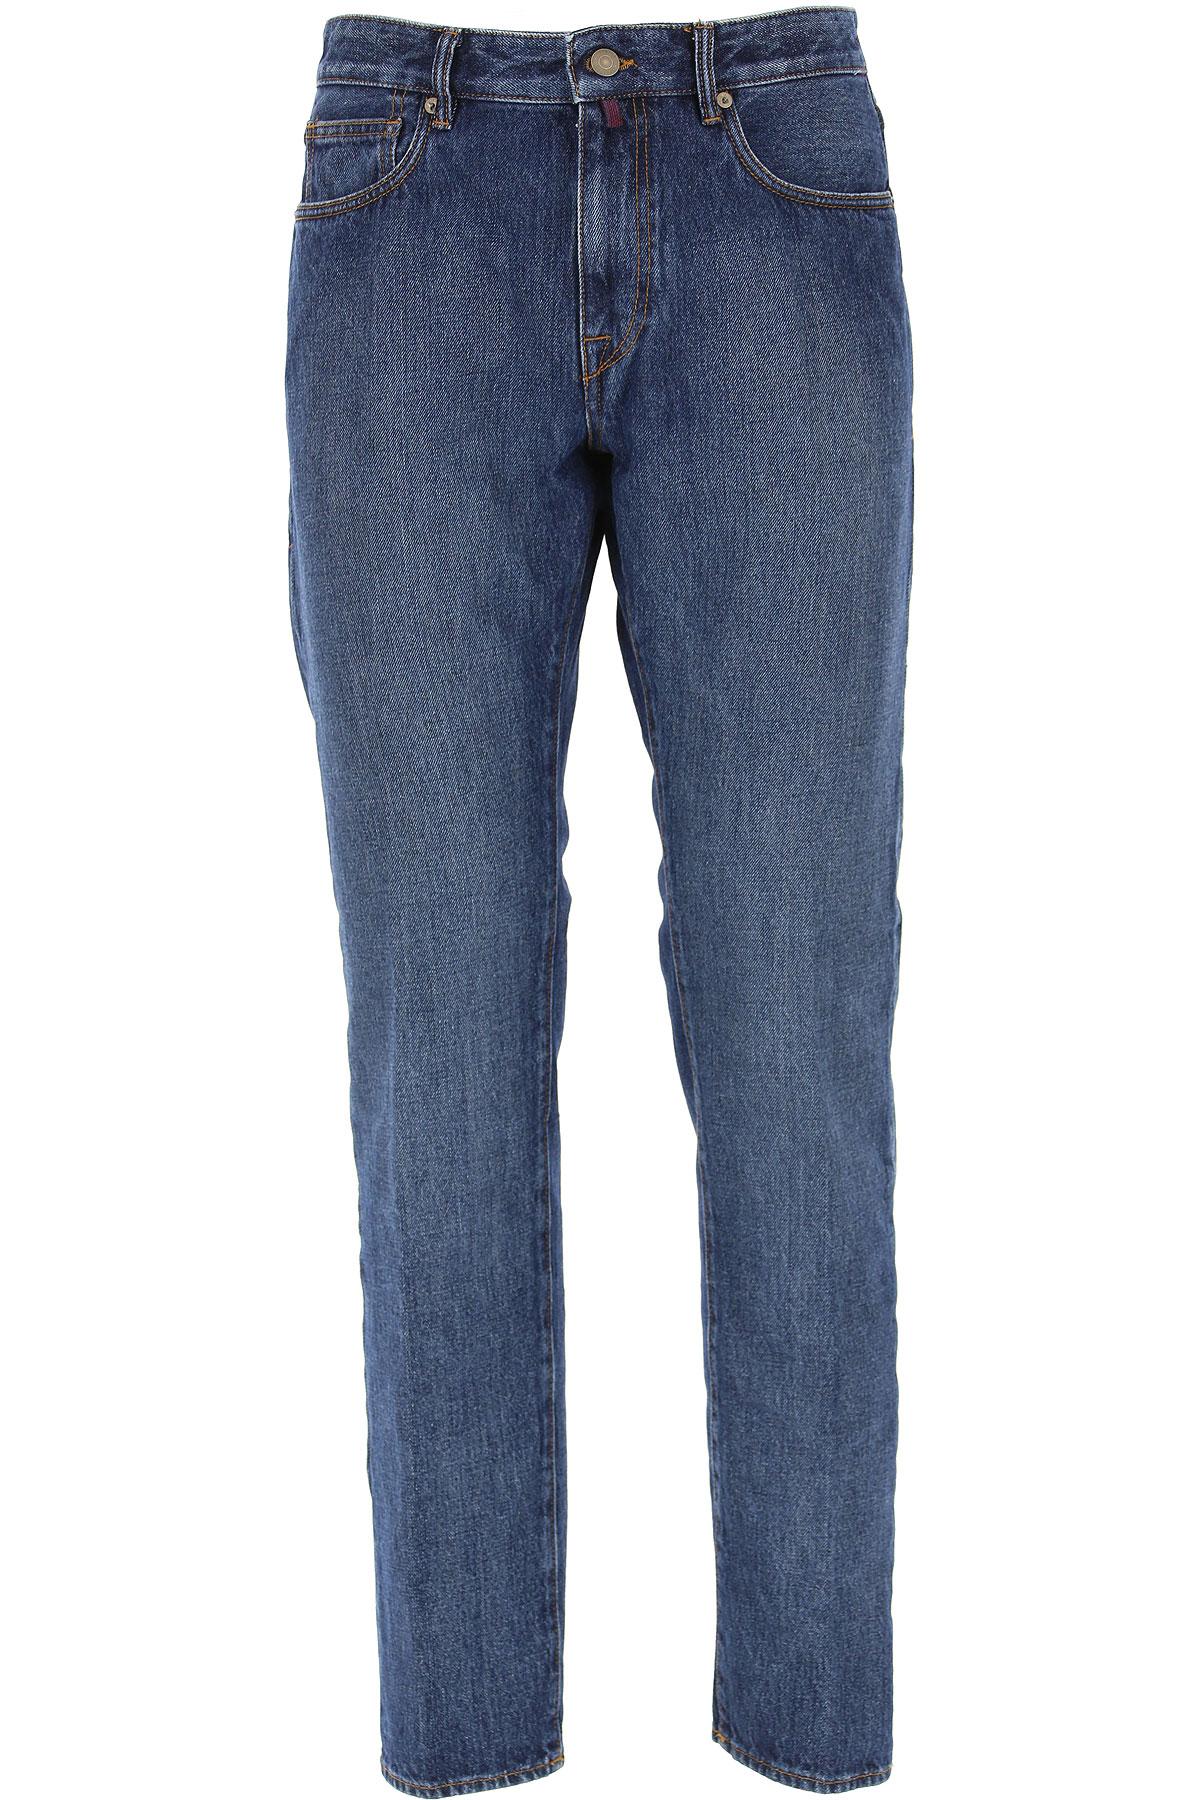 Incotex Jeans On Sale, Denim Blue, Cotton, 2019, 31 32 33 34 35 36 38 40